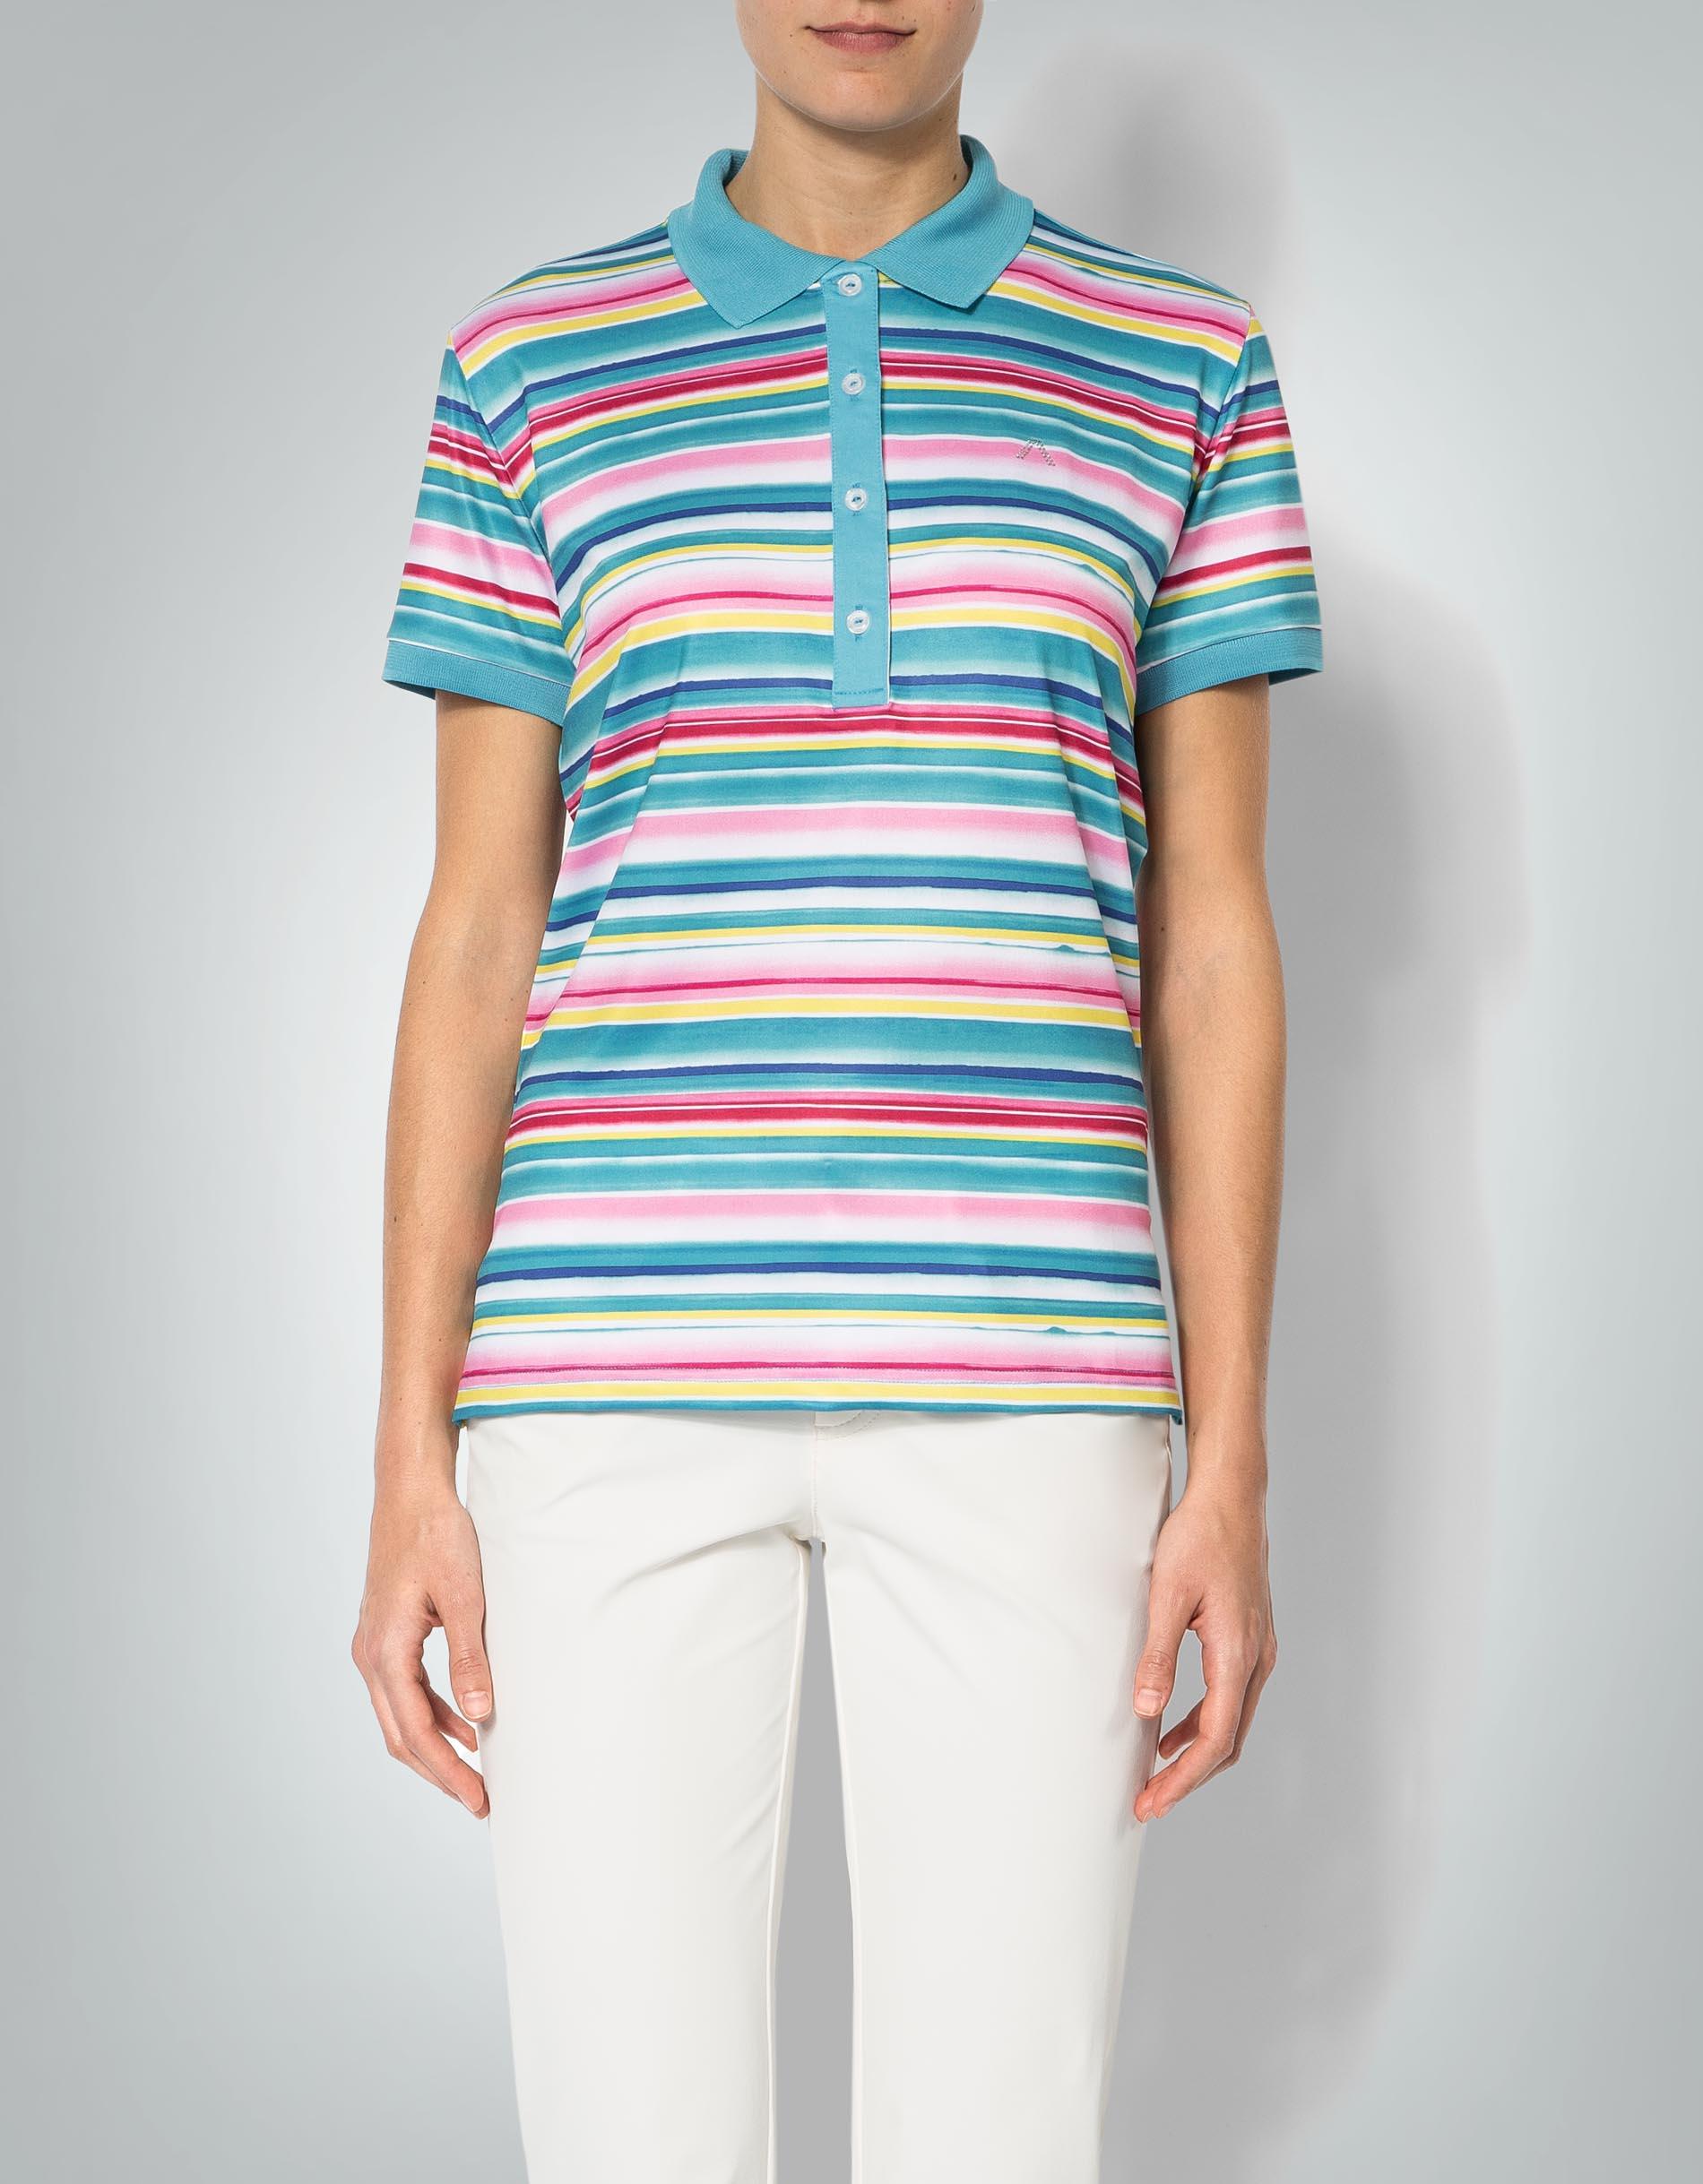 alberto golf damen polo shirt lynn im streifen dessin empfohlen von deinen schwestern. Black Bedroom Furniture Sets. Home Design Ideas